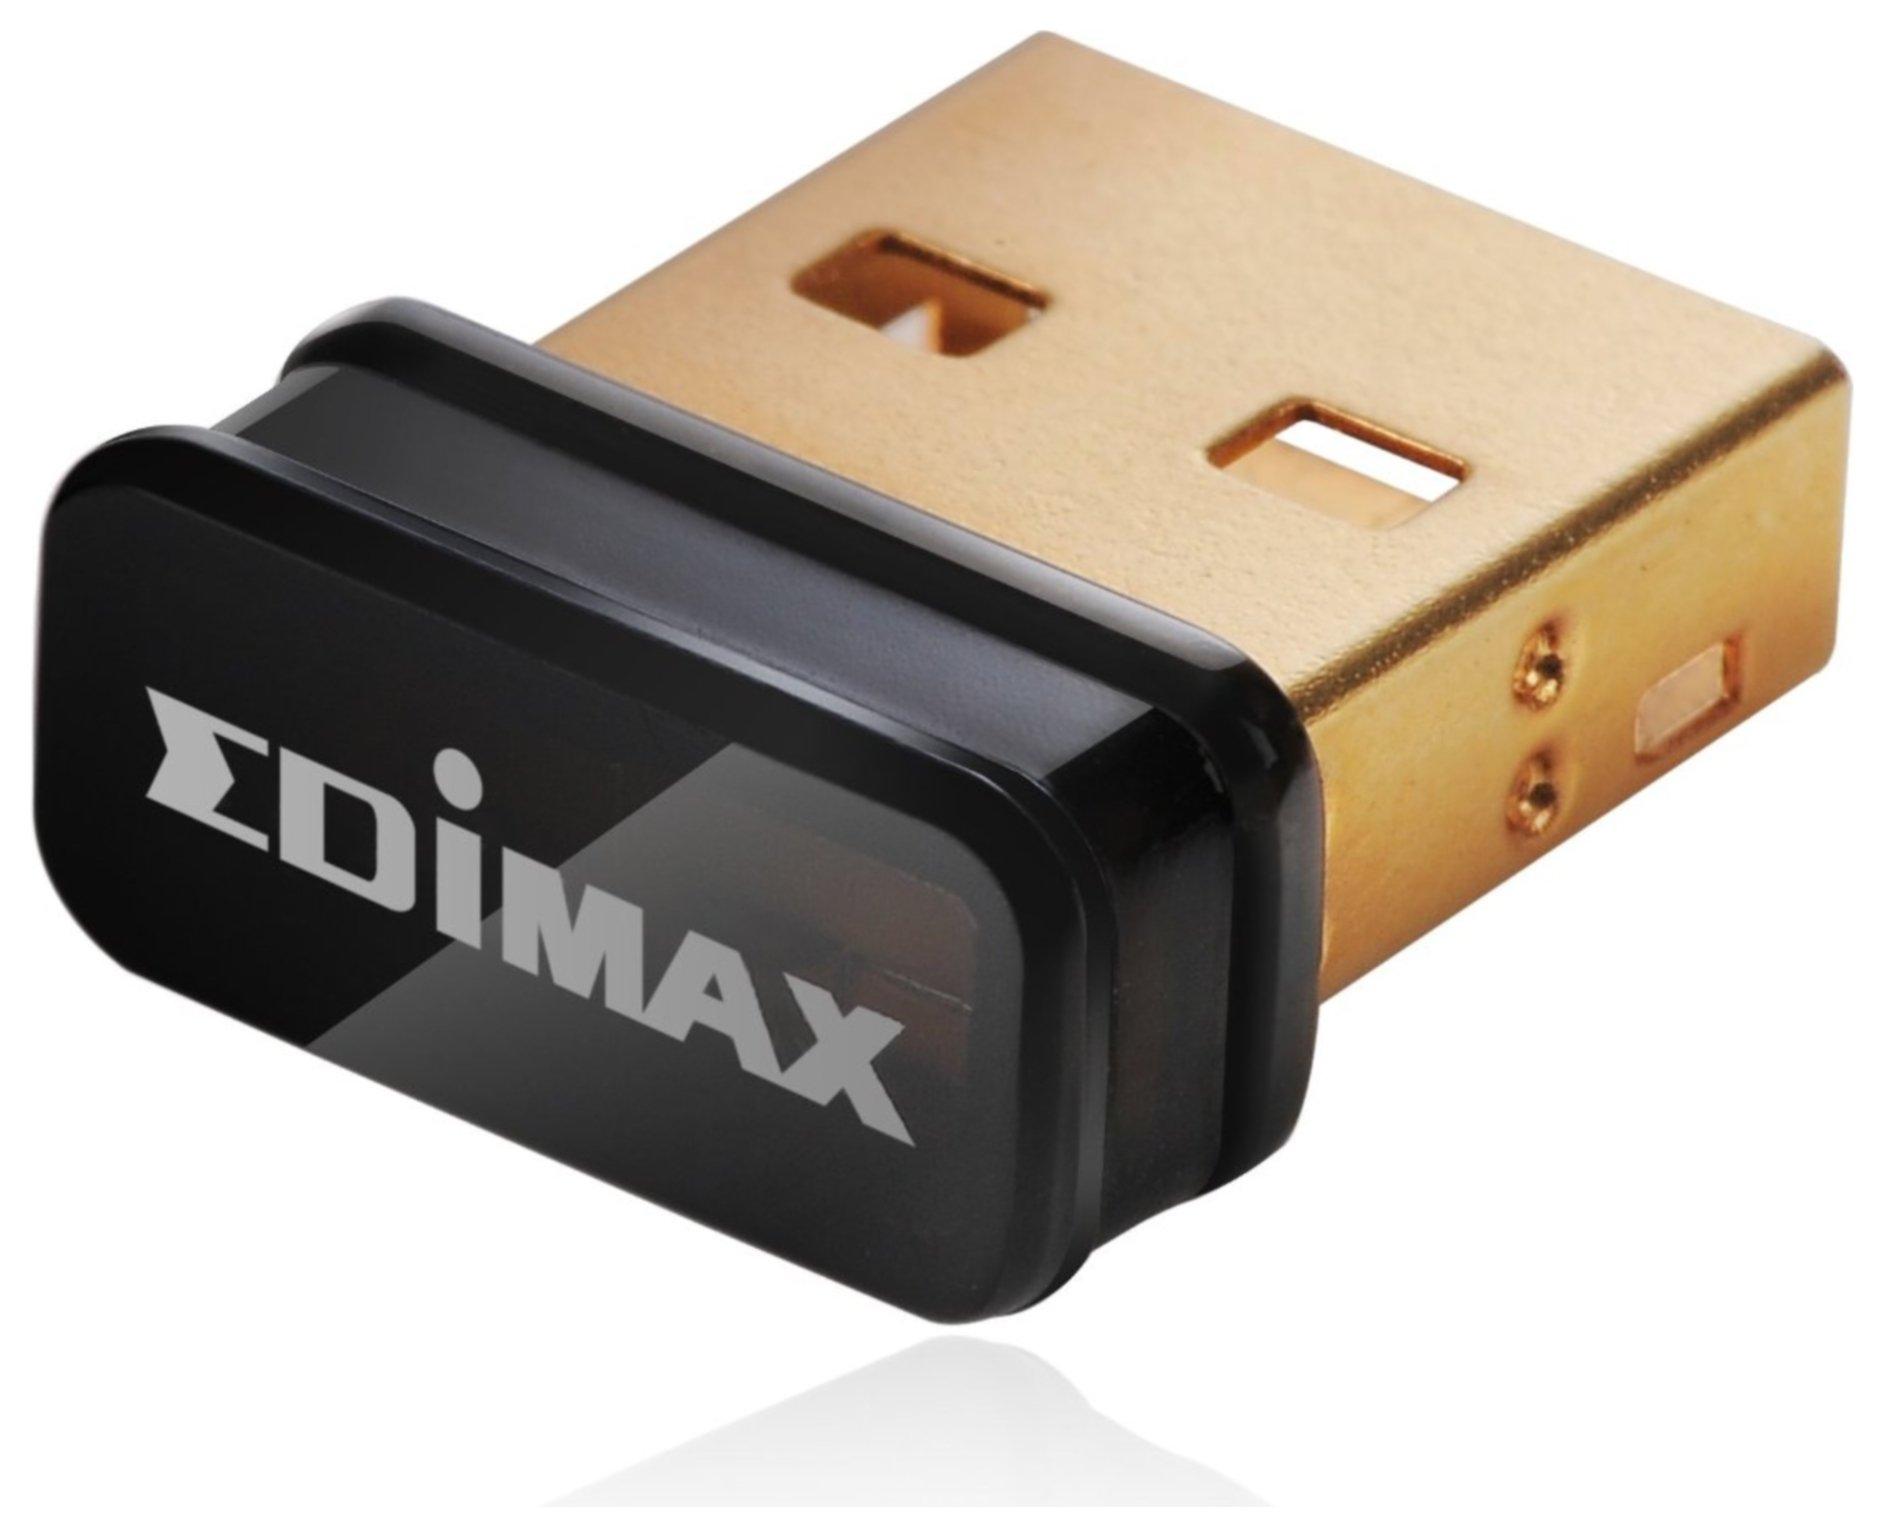 Edimax – EW-7811UN N150 Nano USB Wi-Fi – Adaptor